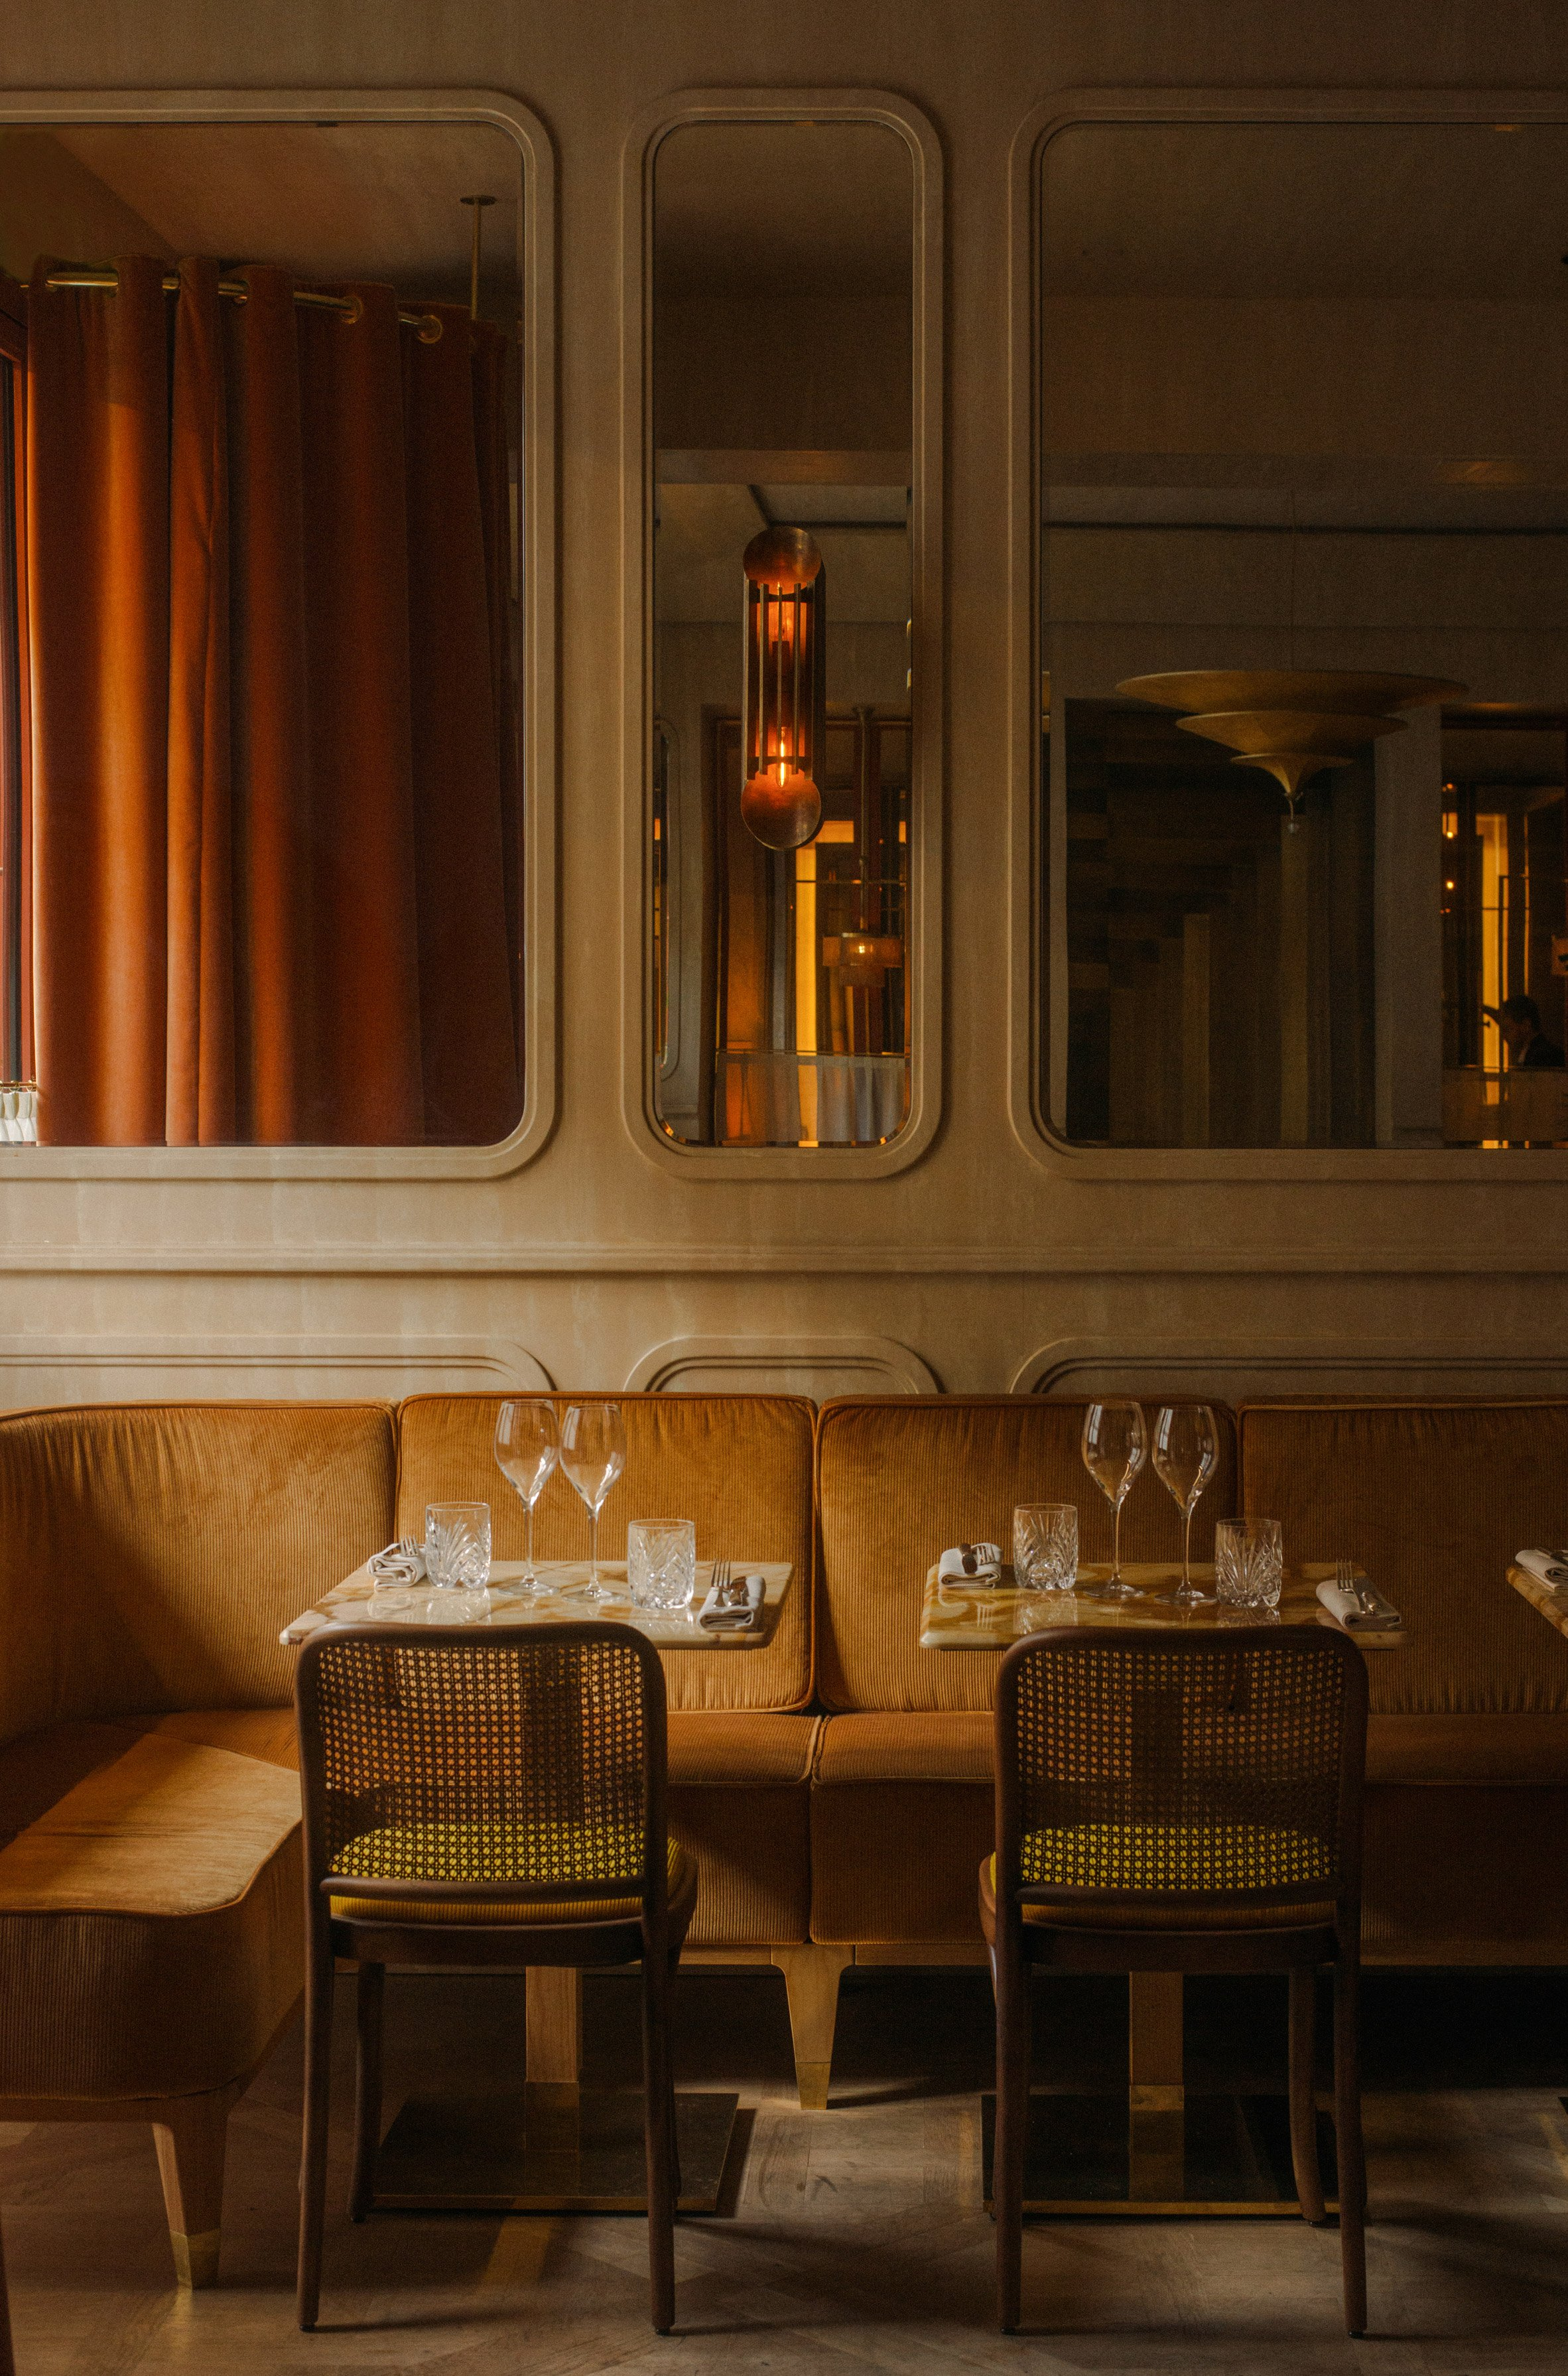 Nolinski restaurant in Paris, designed by John Whelan